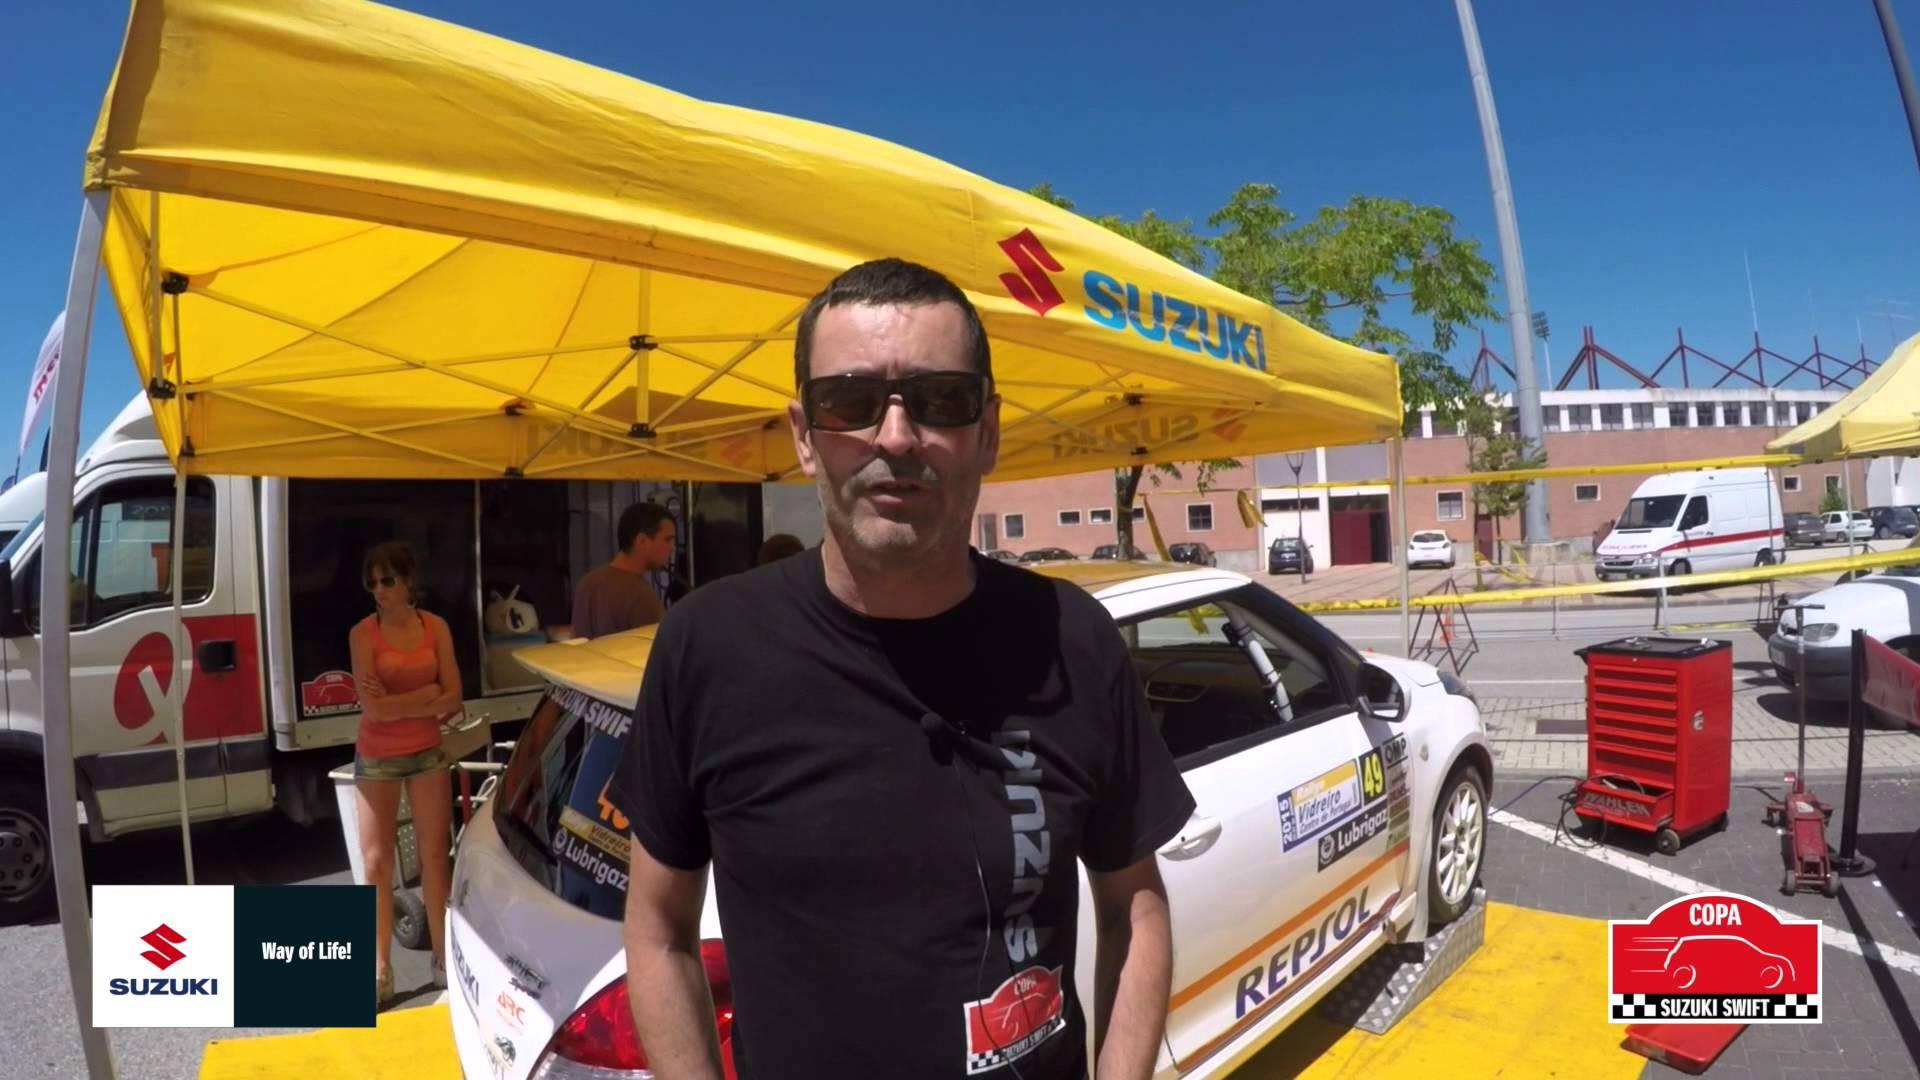 Conoce a los pilotos de la Copa Suzuki Swift 2015. Hoy José Luis Carrera